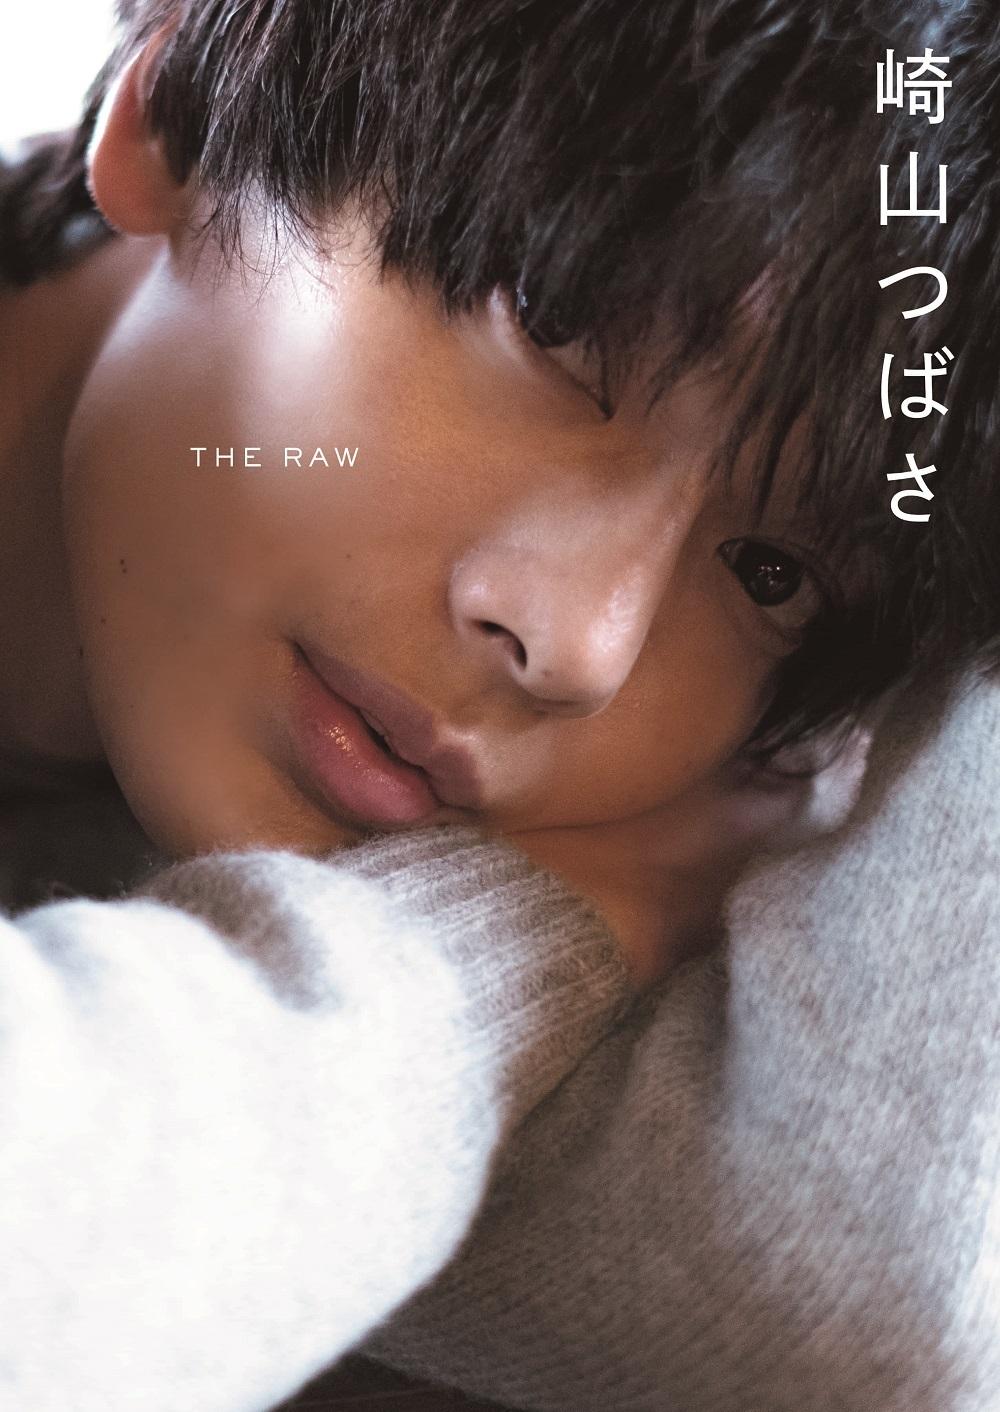 崎山つばさ2nd写真集「THE RAW」 撮影:笠井爾示